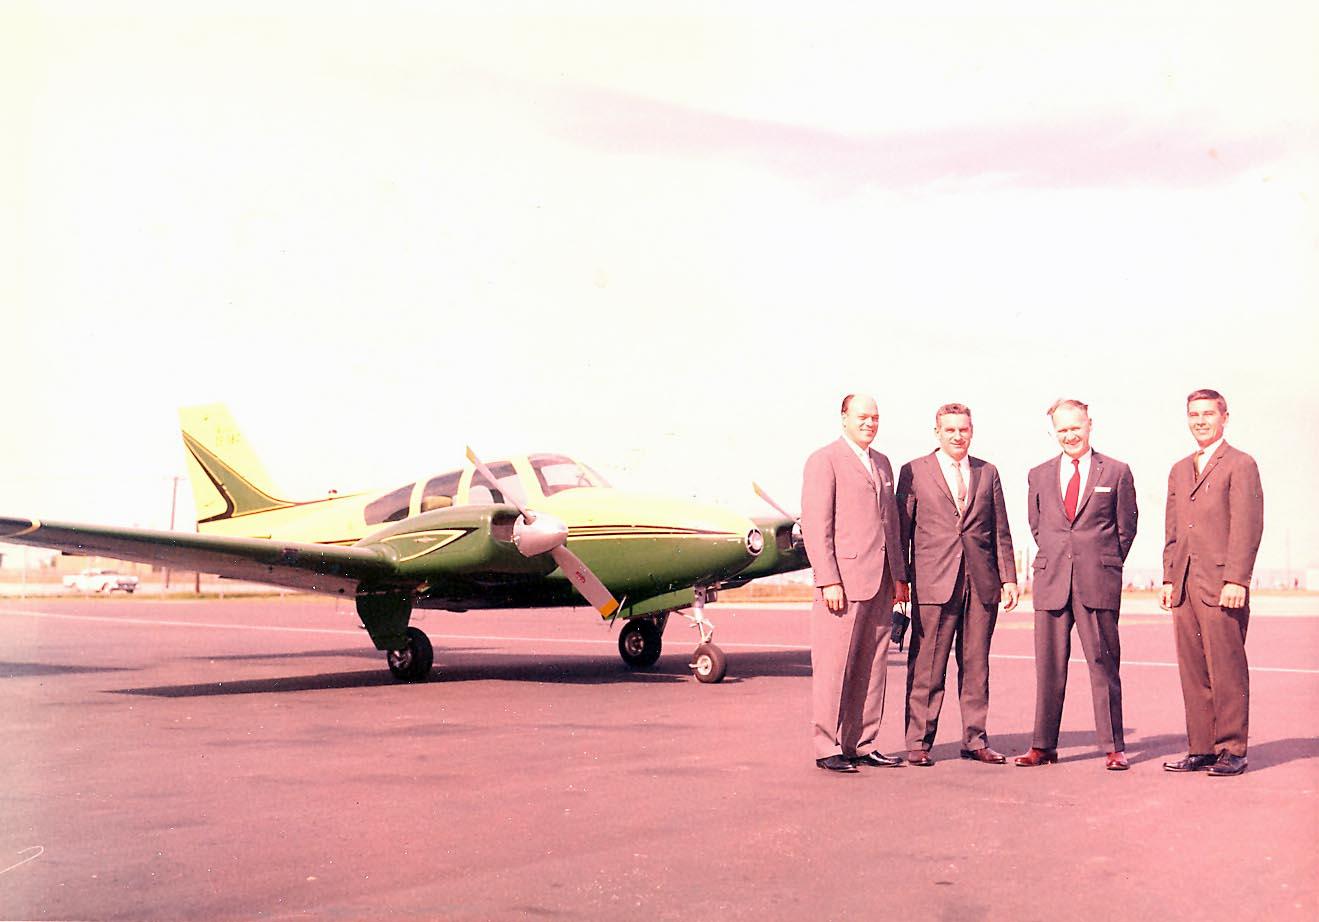 Baron CF-SBC (L-R) HT Hoy, Bill Atrill, Stan, LJ Markowski